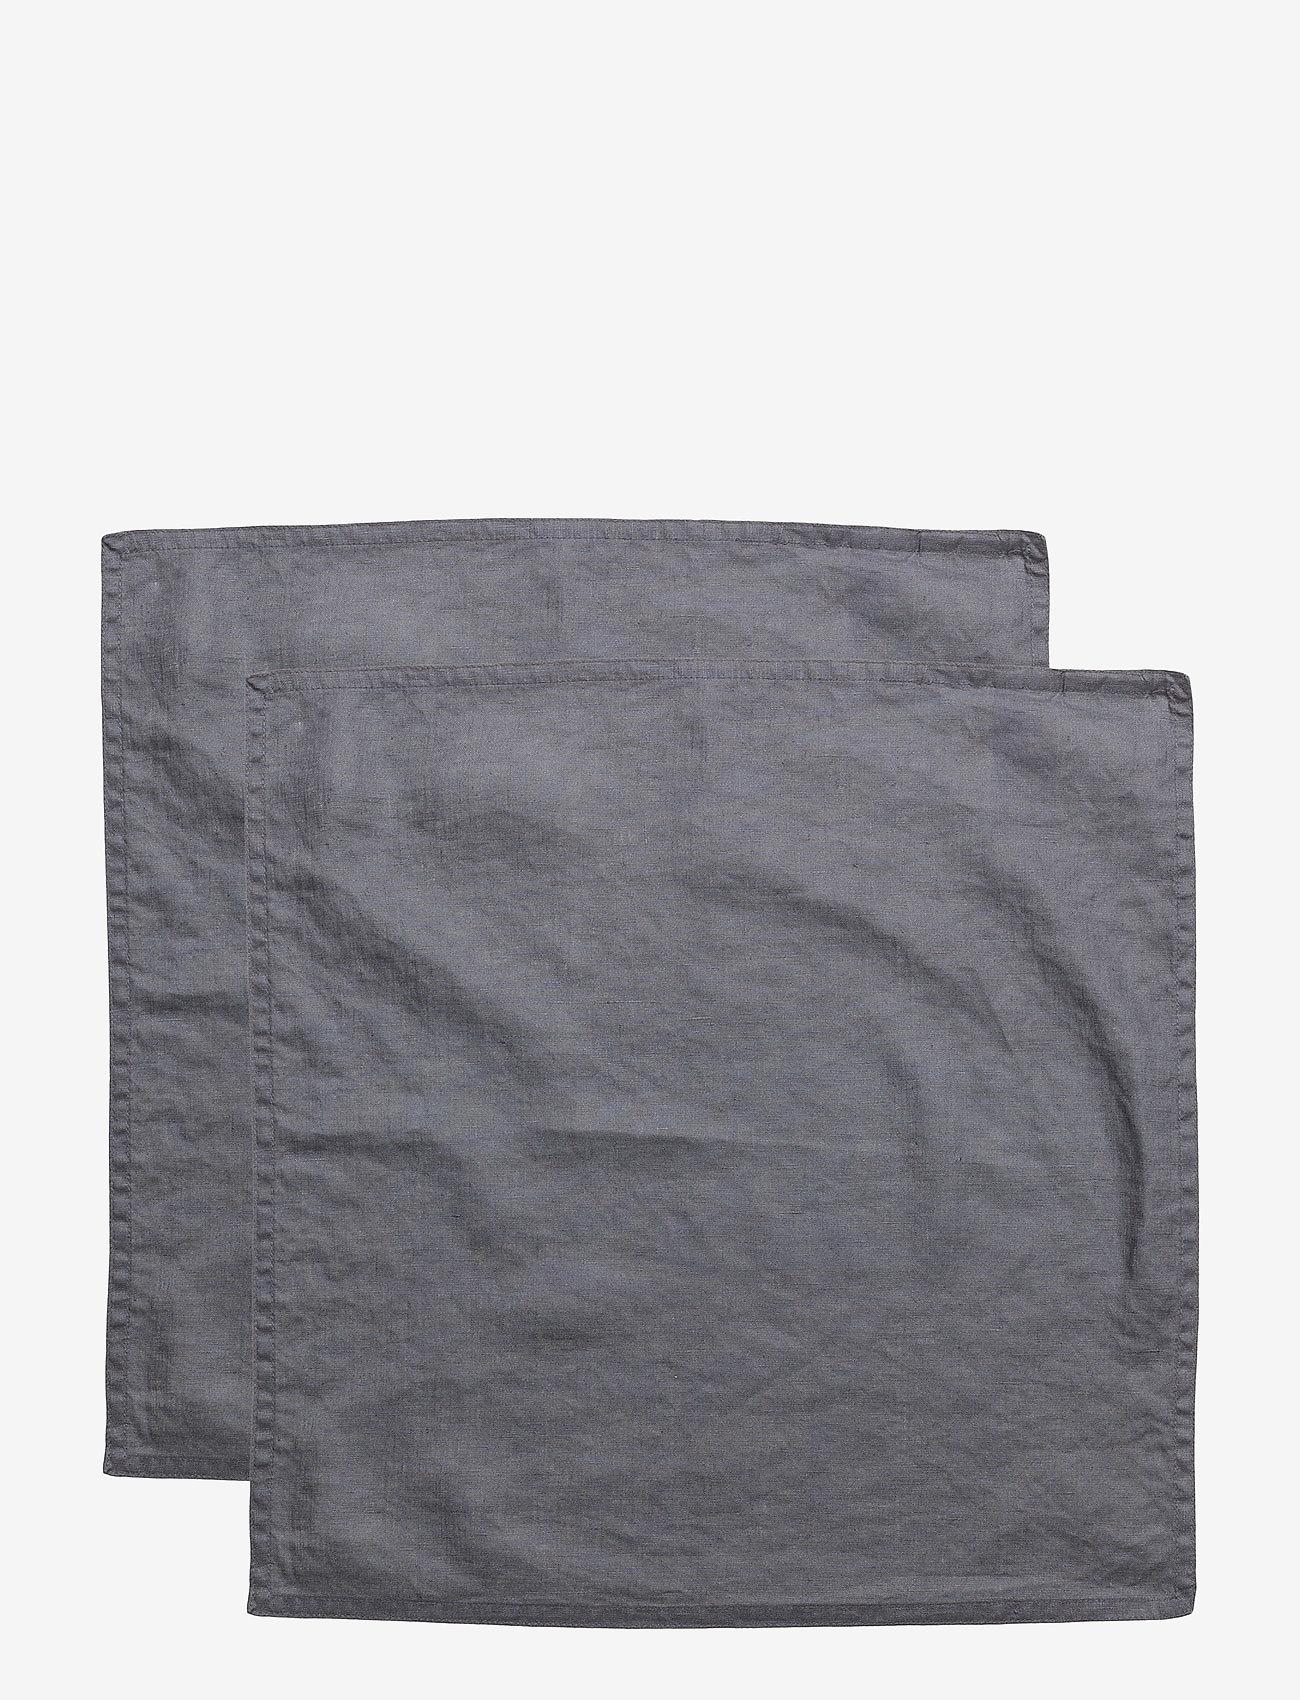 Gripsholm - NAPKIN WASHED LINEN - napkins - ombre blue - 1